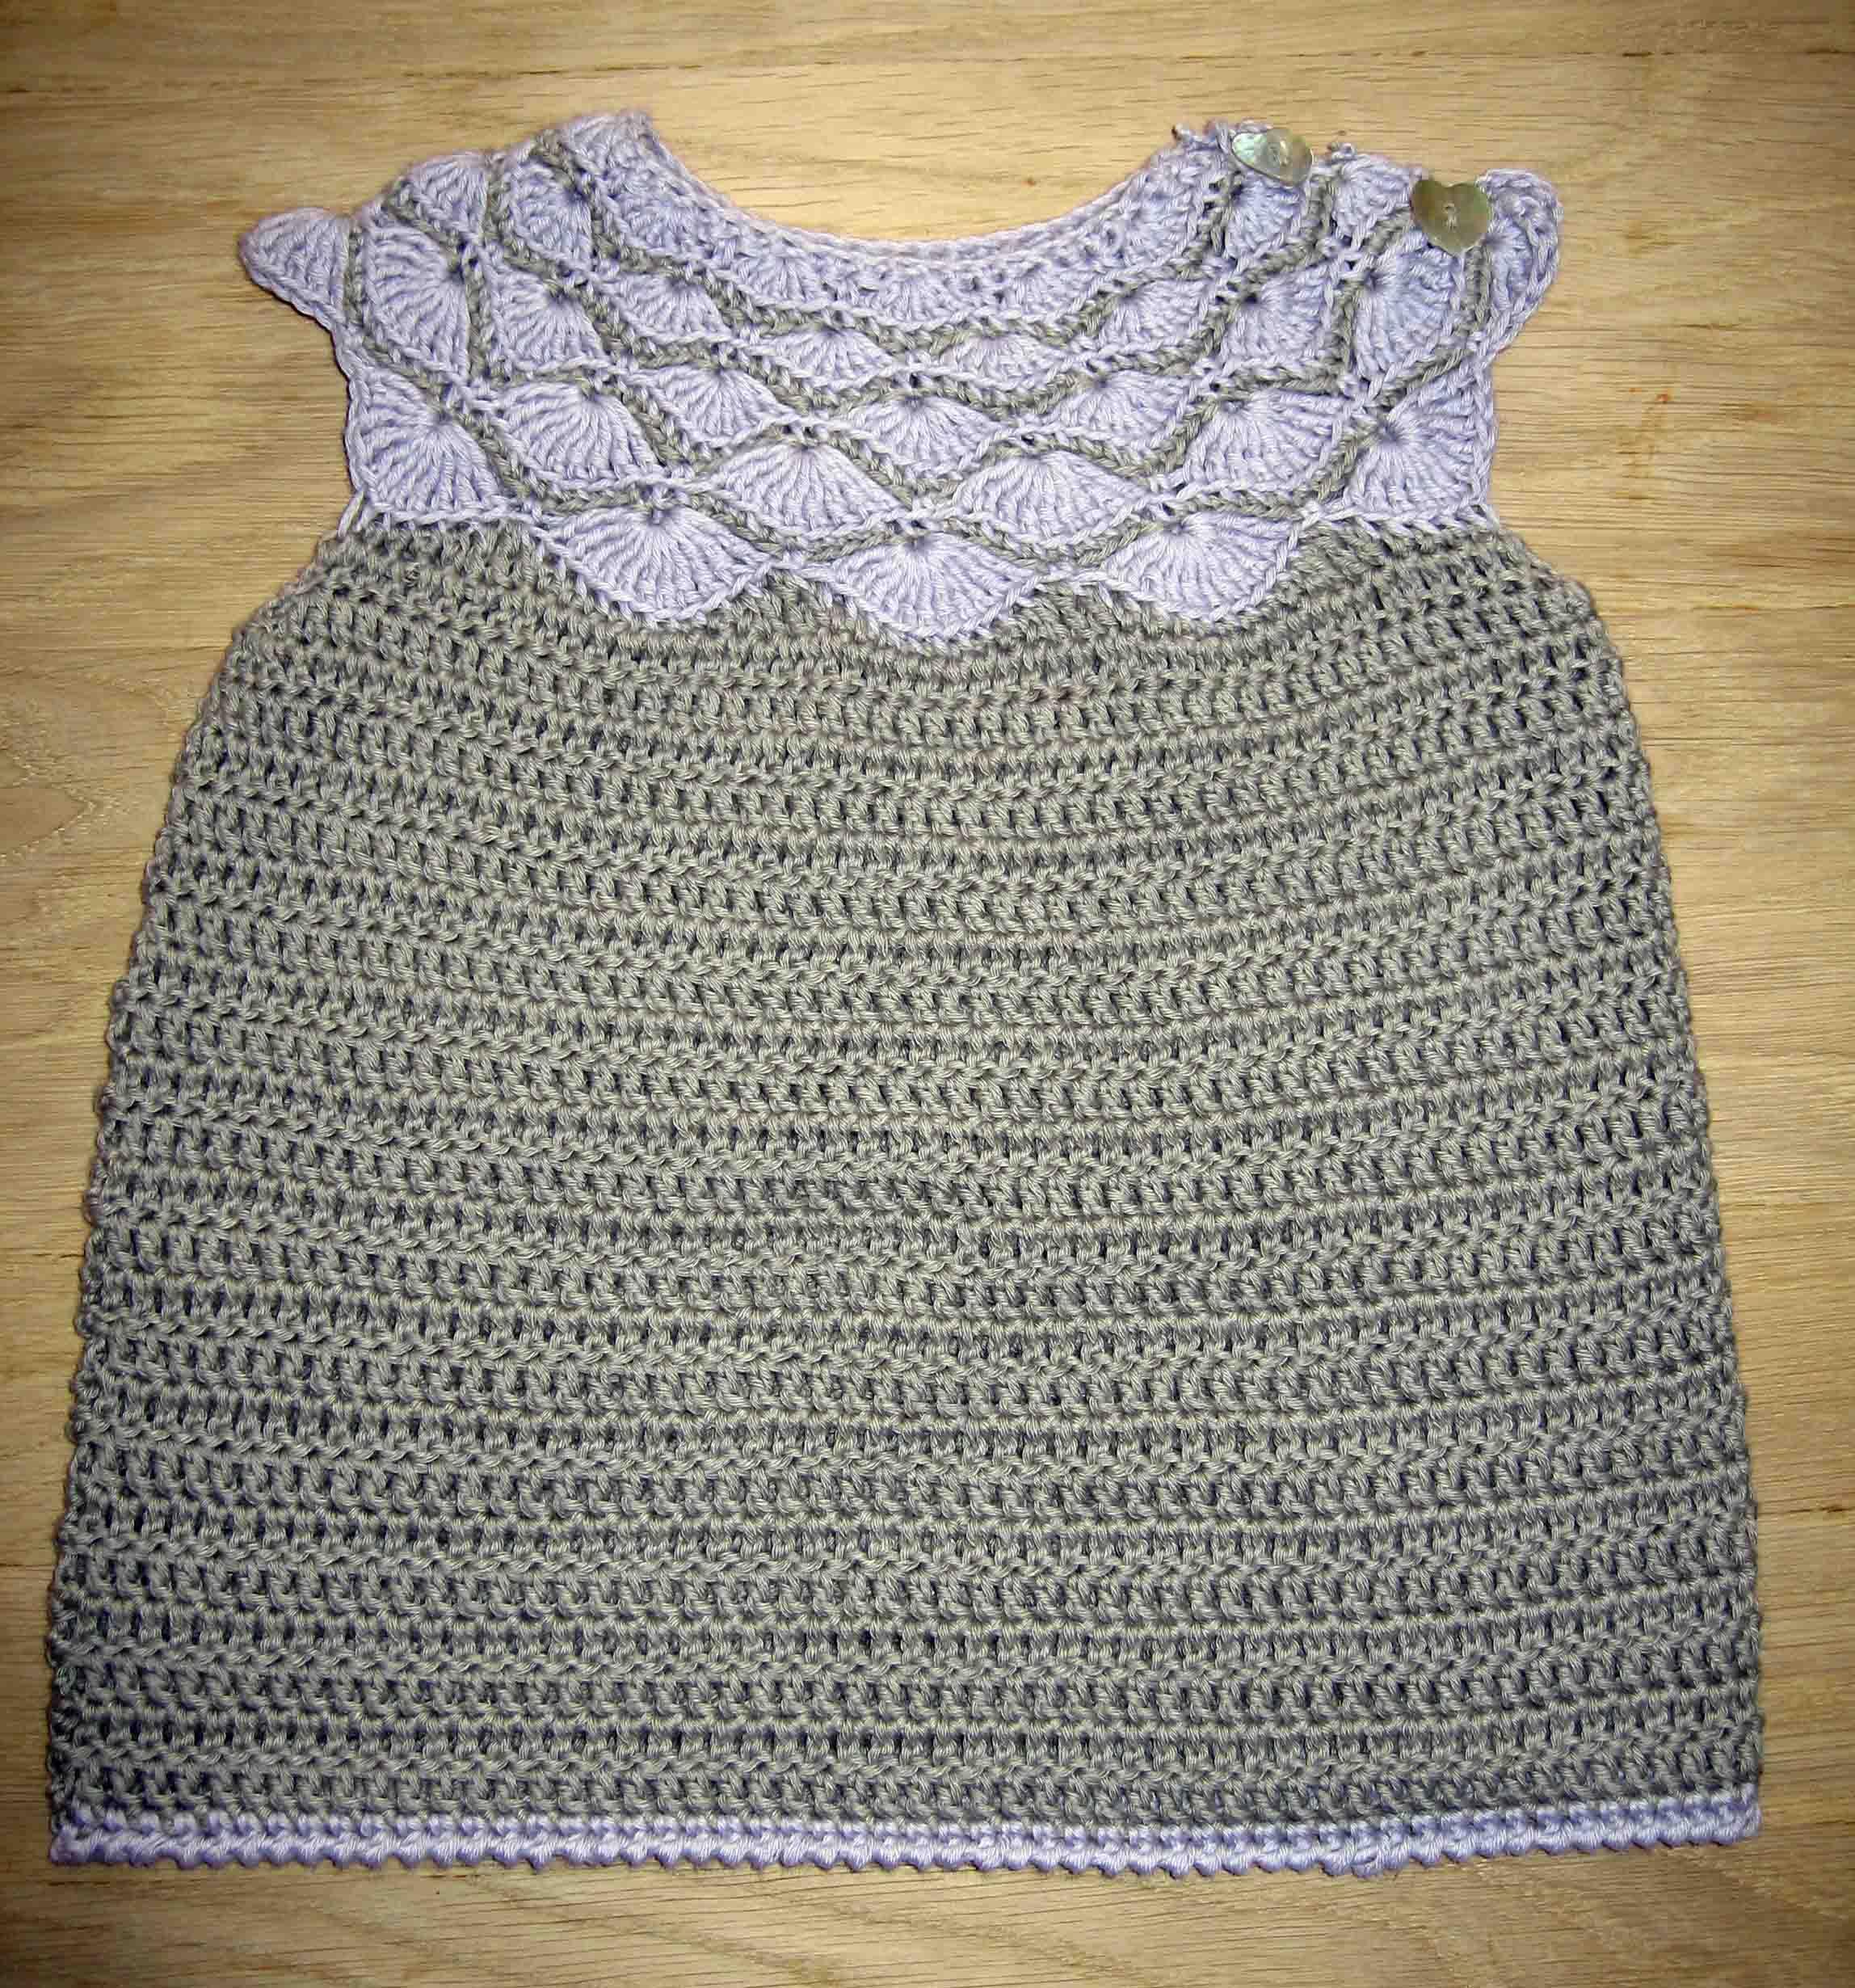 Hæklet kjole | På krogen